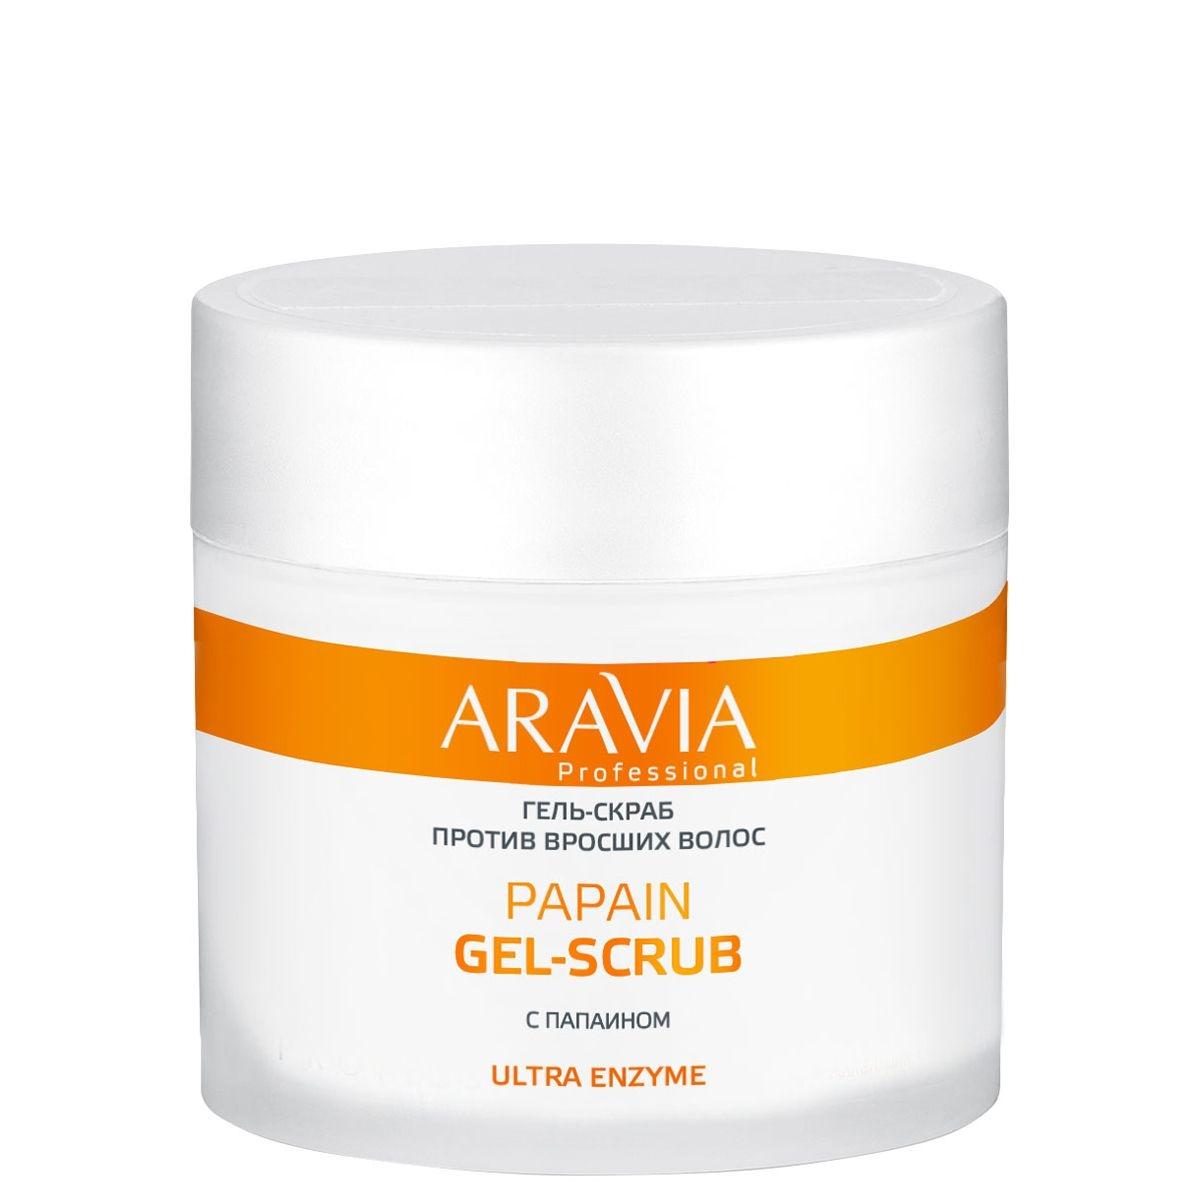 ARAVIA Гель-Скраб Papain Gel-Scrub против Вросших Волос, 300 мл химический пилинг от вросших волос на ногах